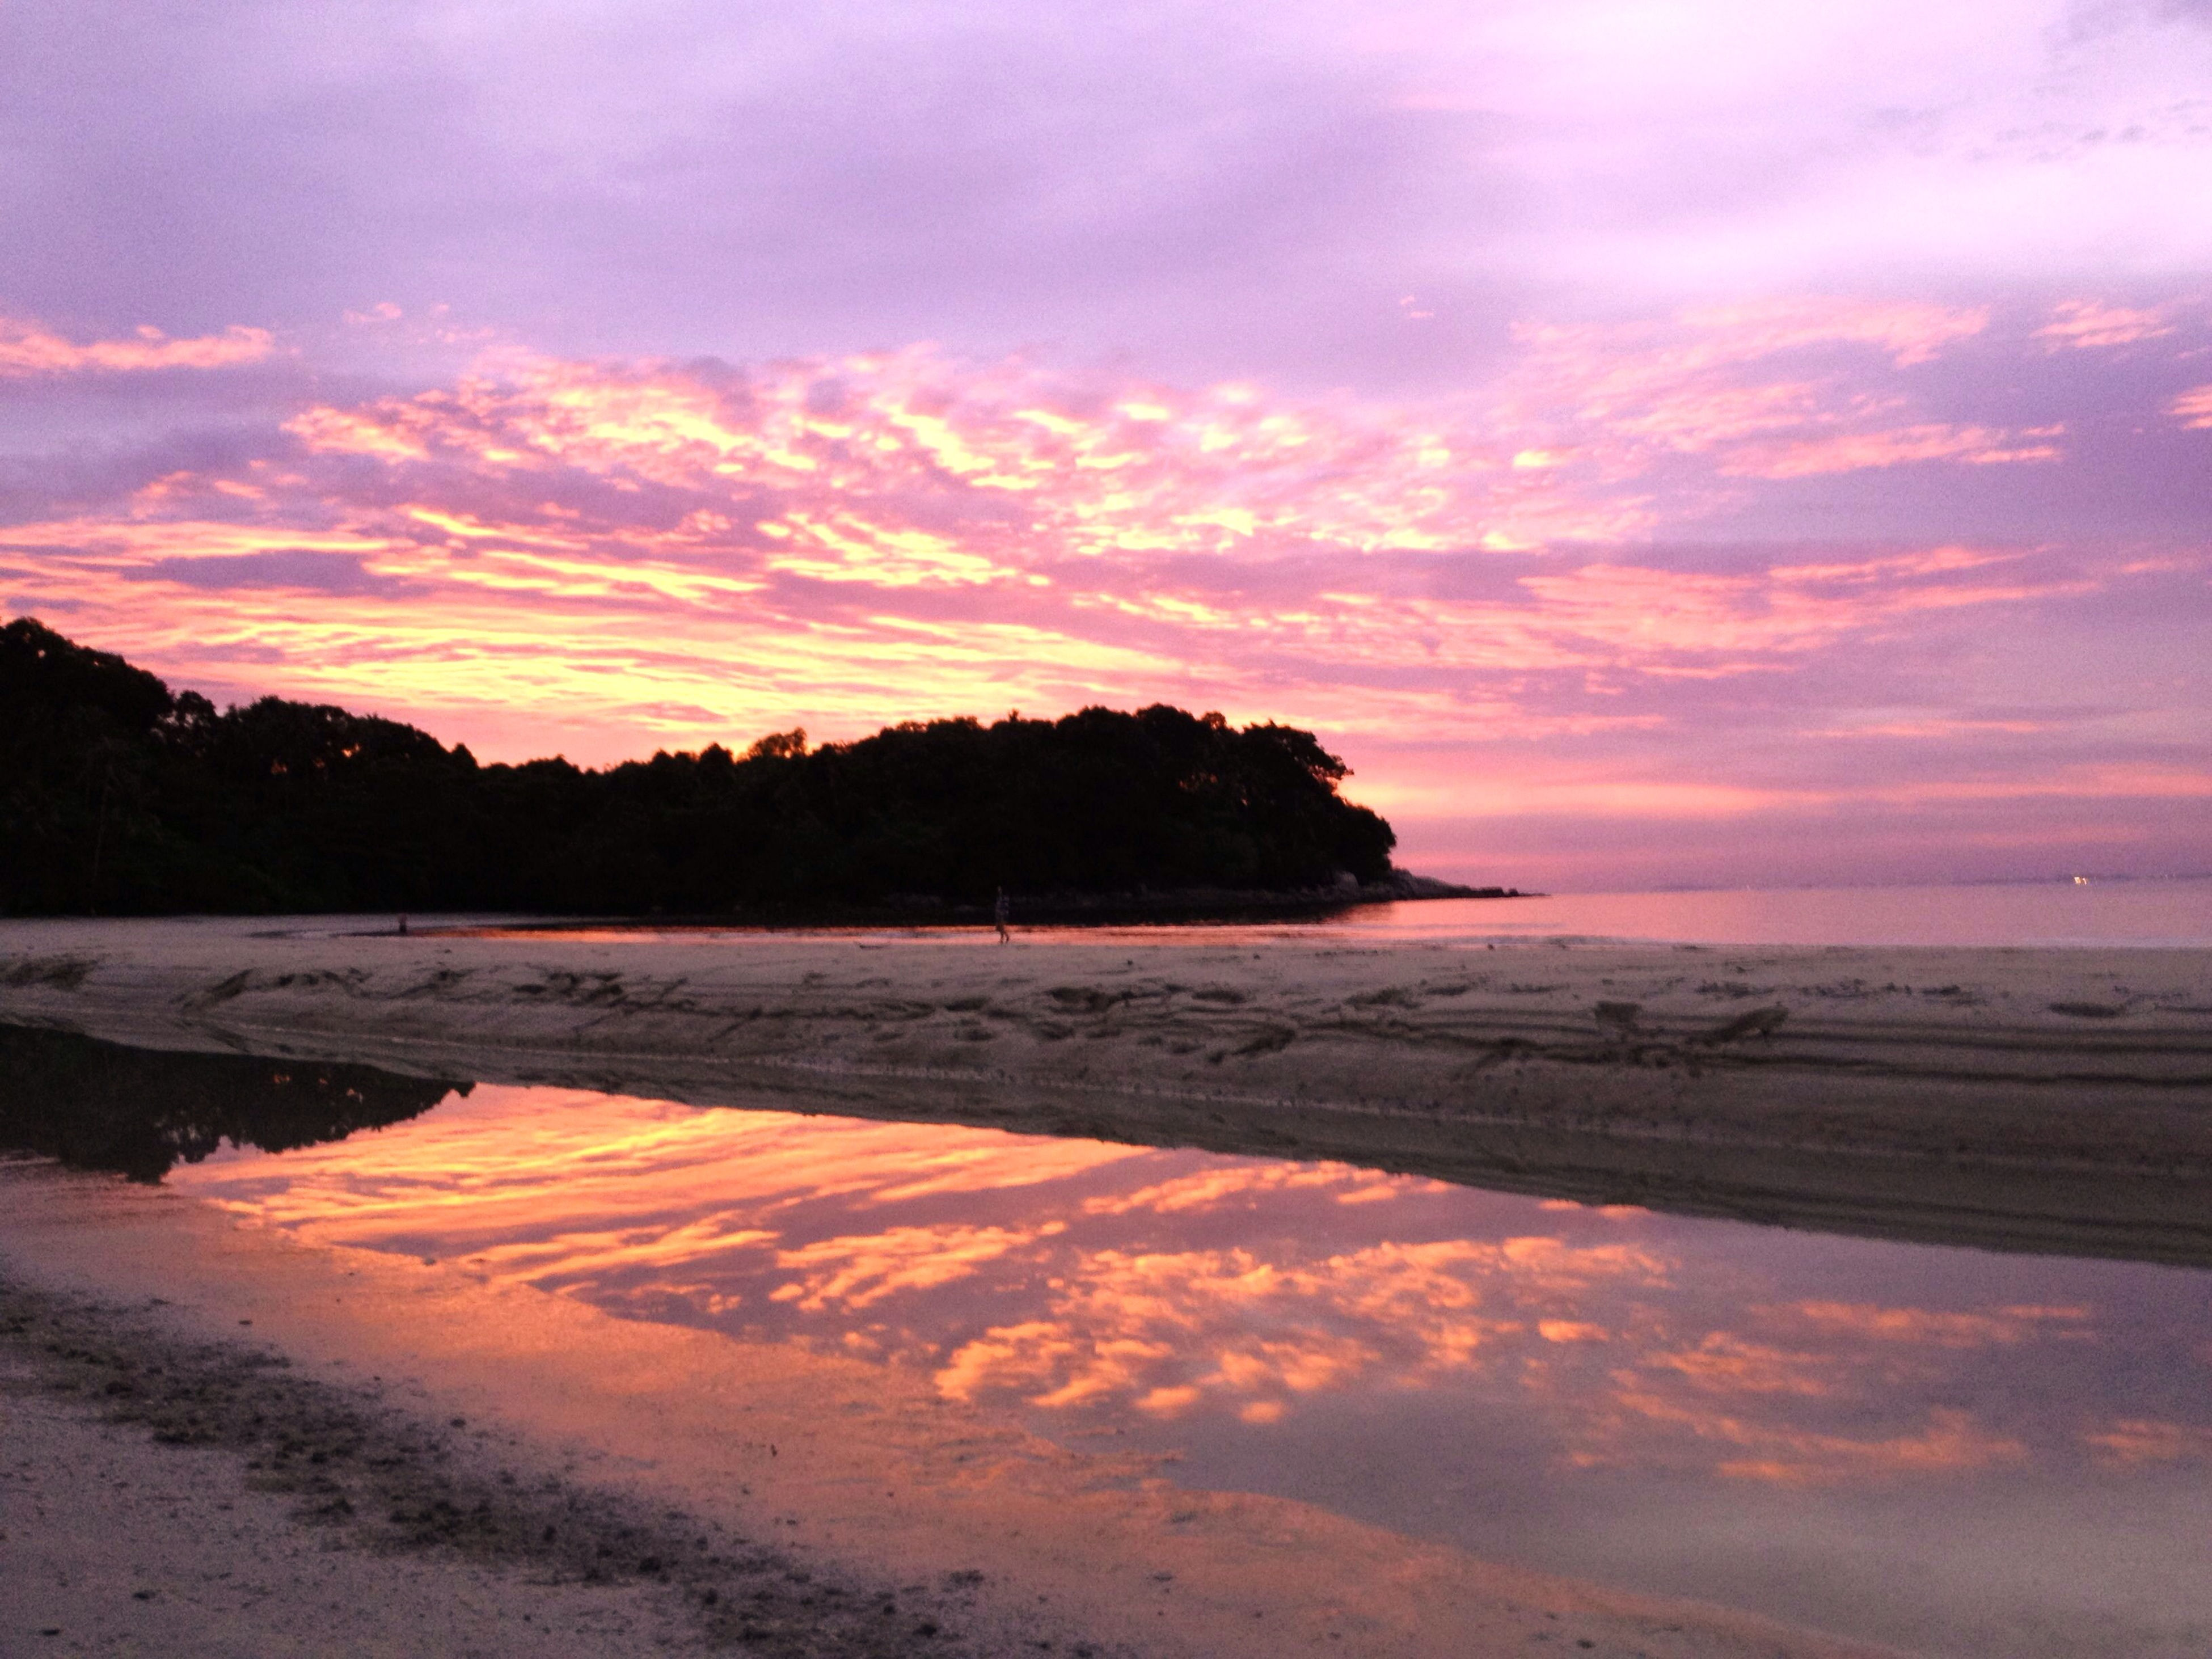 Enjoying the last sunset before I turn a year older ♡